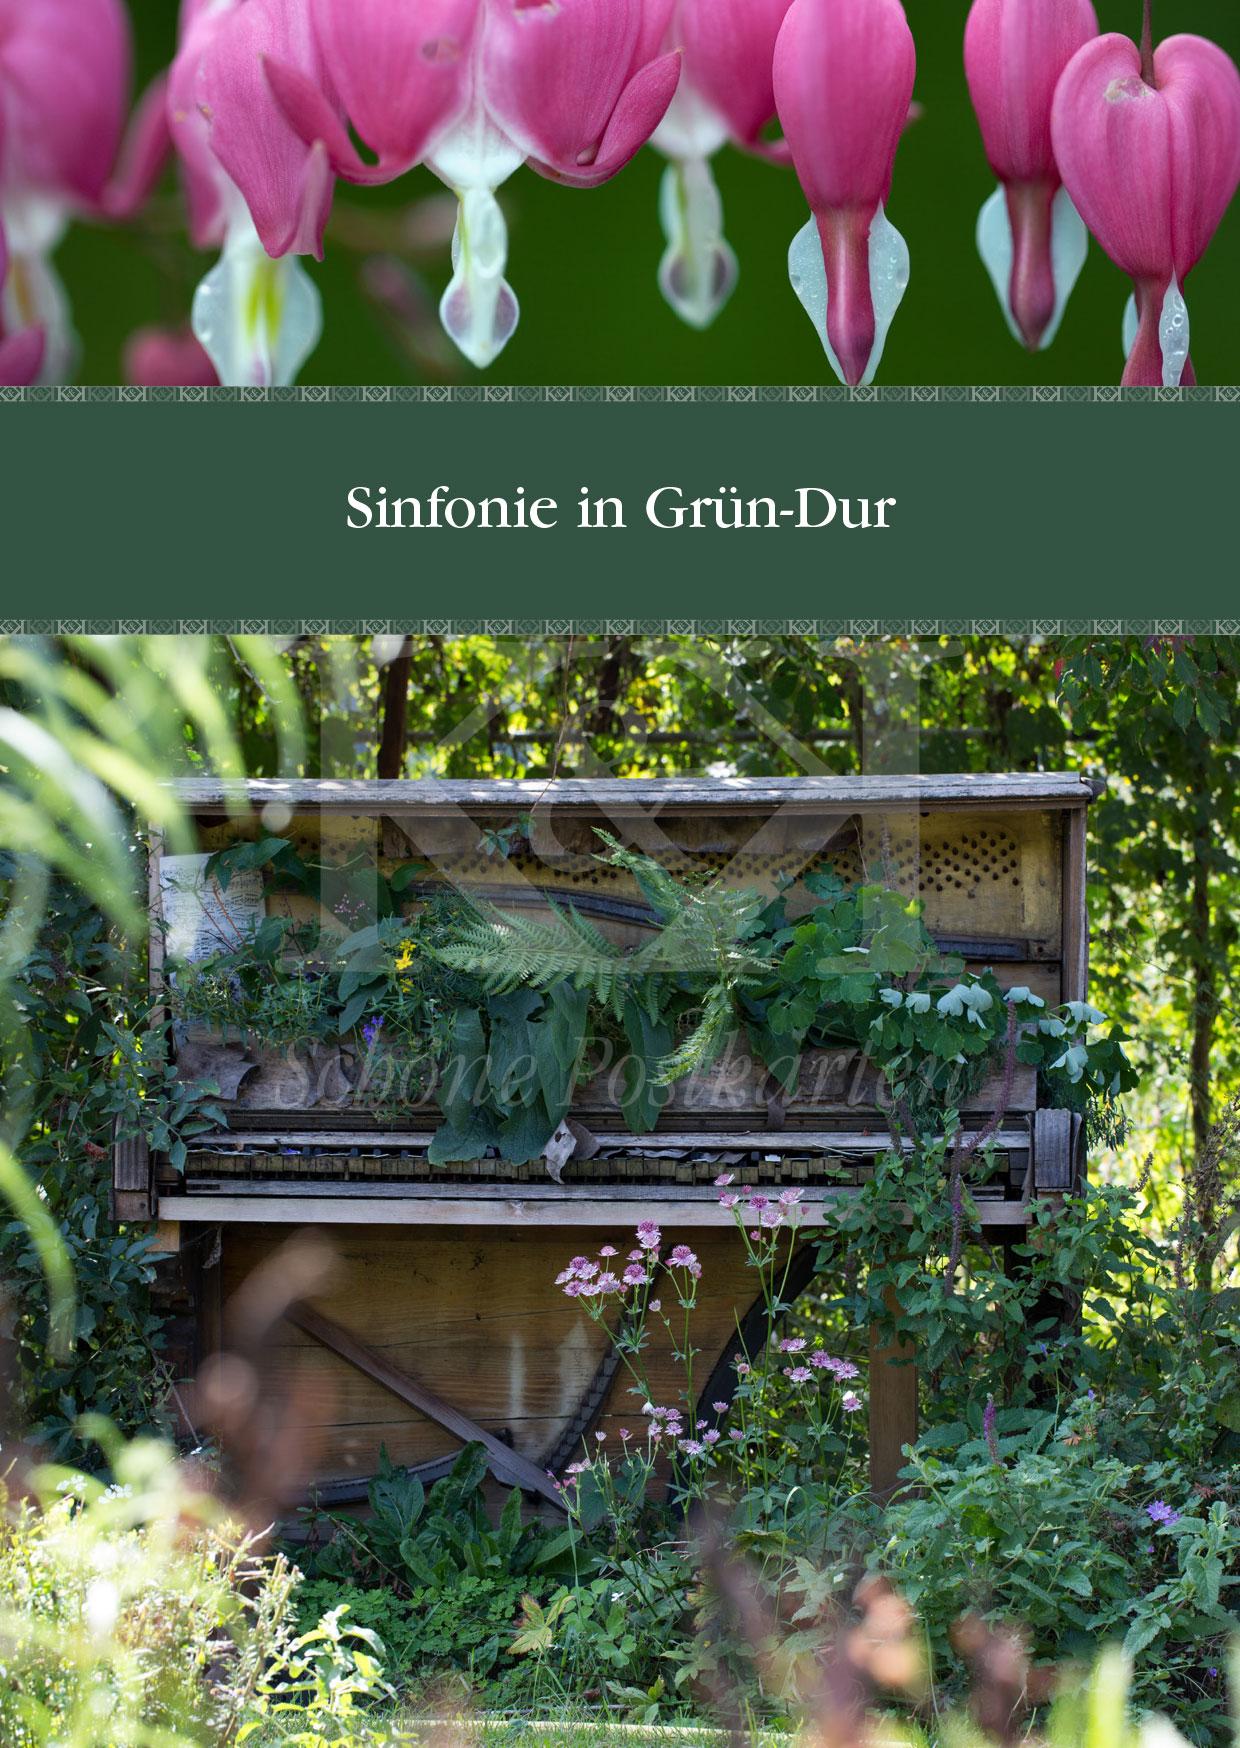 Schöne Postkarte Nr. 12 · Sinfonie in Grün-Dur · © Schöne Postkarten